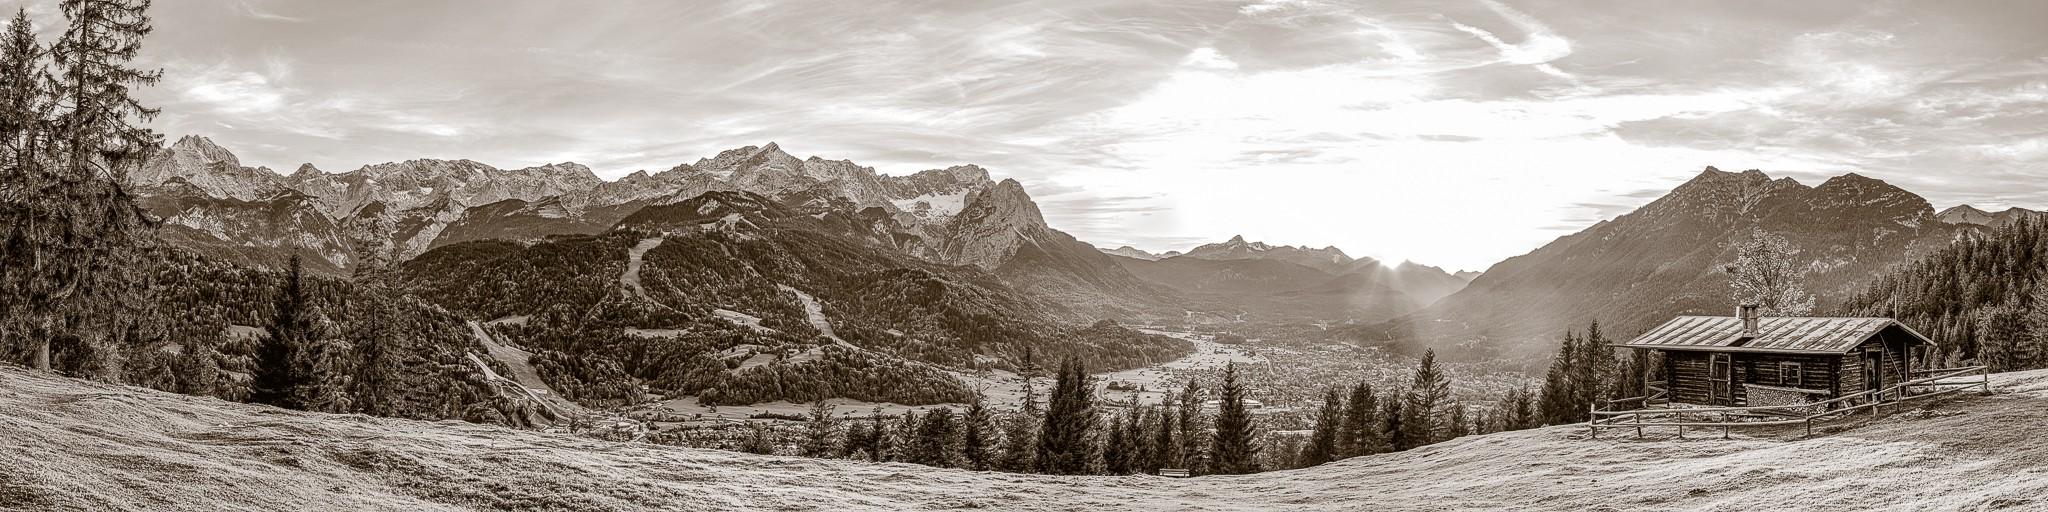 Blick von der Eckenhütte über Garmisch-Partenkirchen auf die Alpen. Berge: Alpspitze, Zugspitze, Waxenstein - Daniel - Kramerspitz